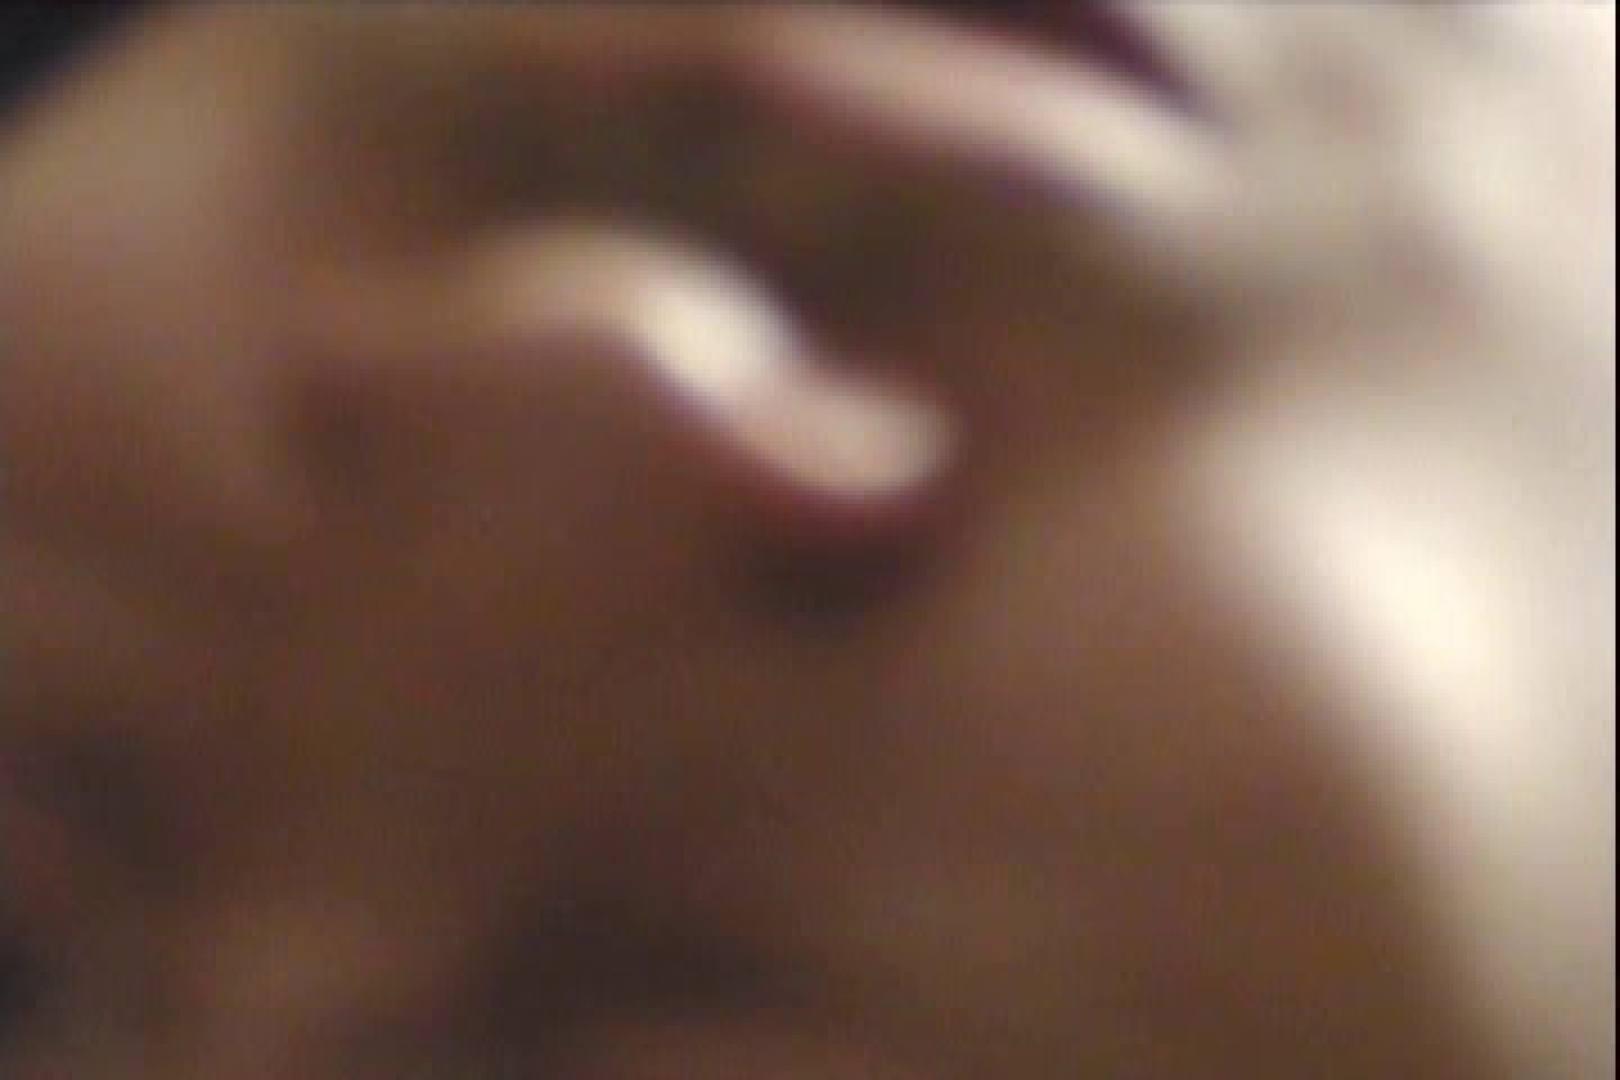 ガチムチリーマンFucker!!vol.02 スーツ ゲイAV画像 80枚 79